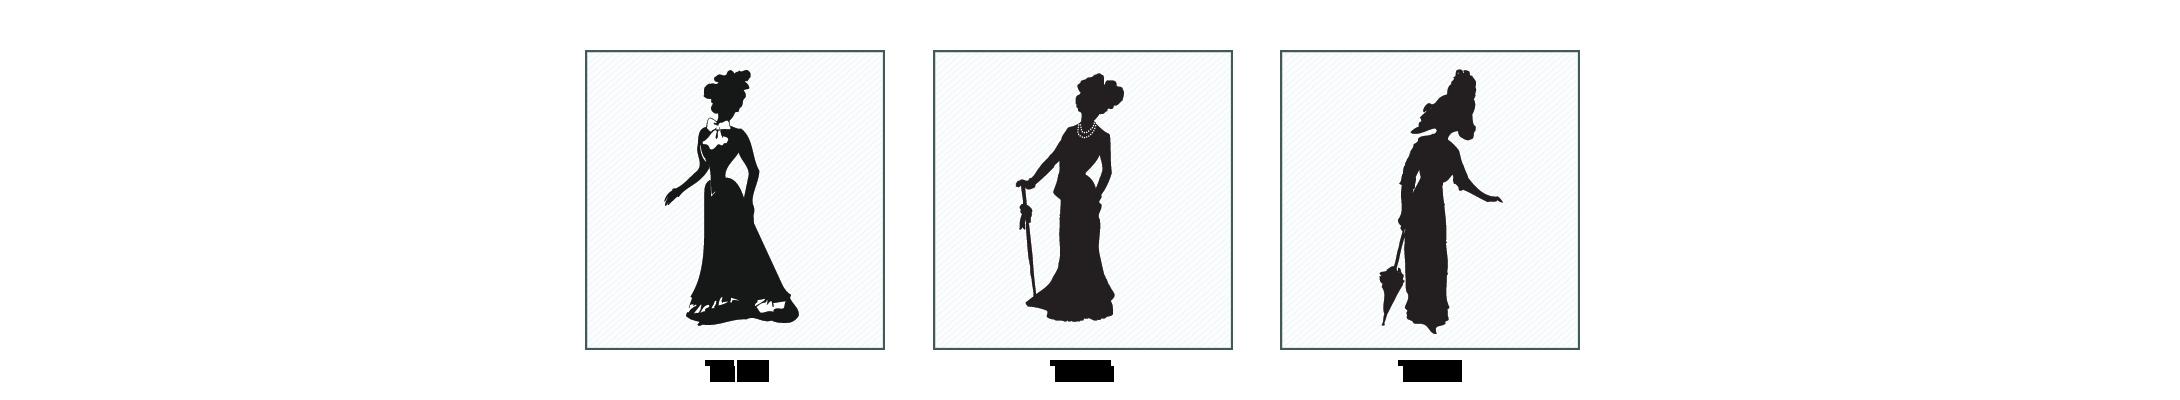 2180x400 1899 1914 Edwardian Classic